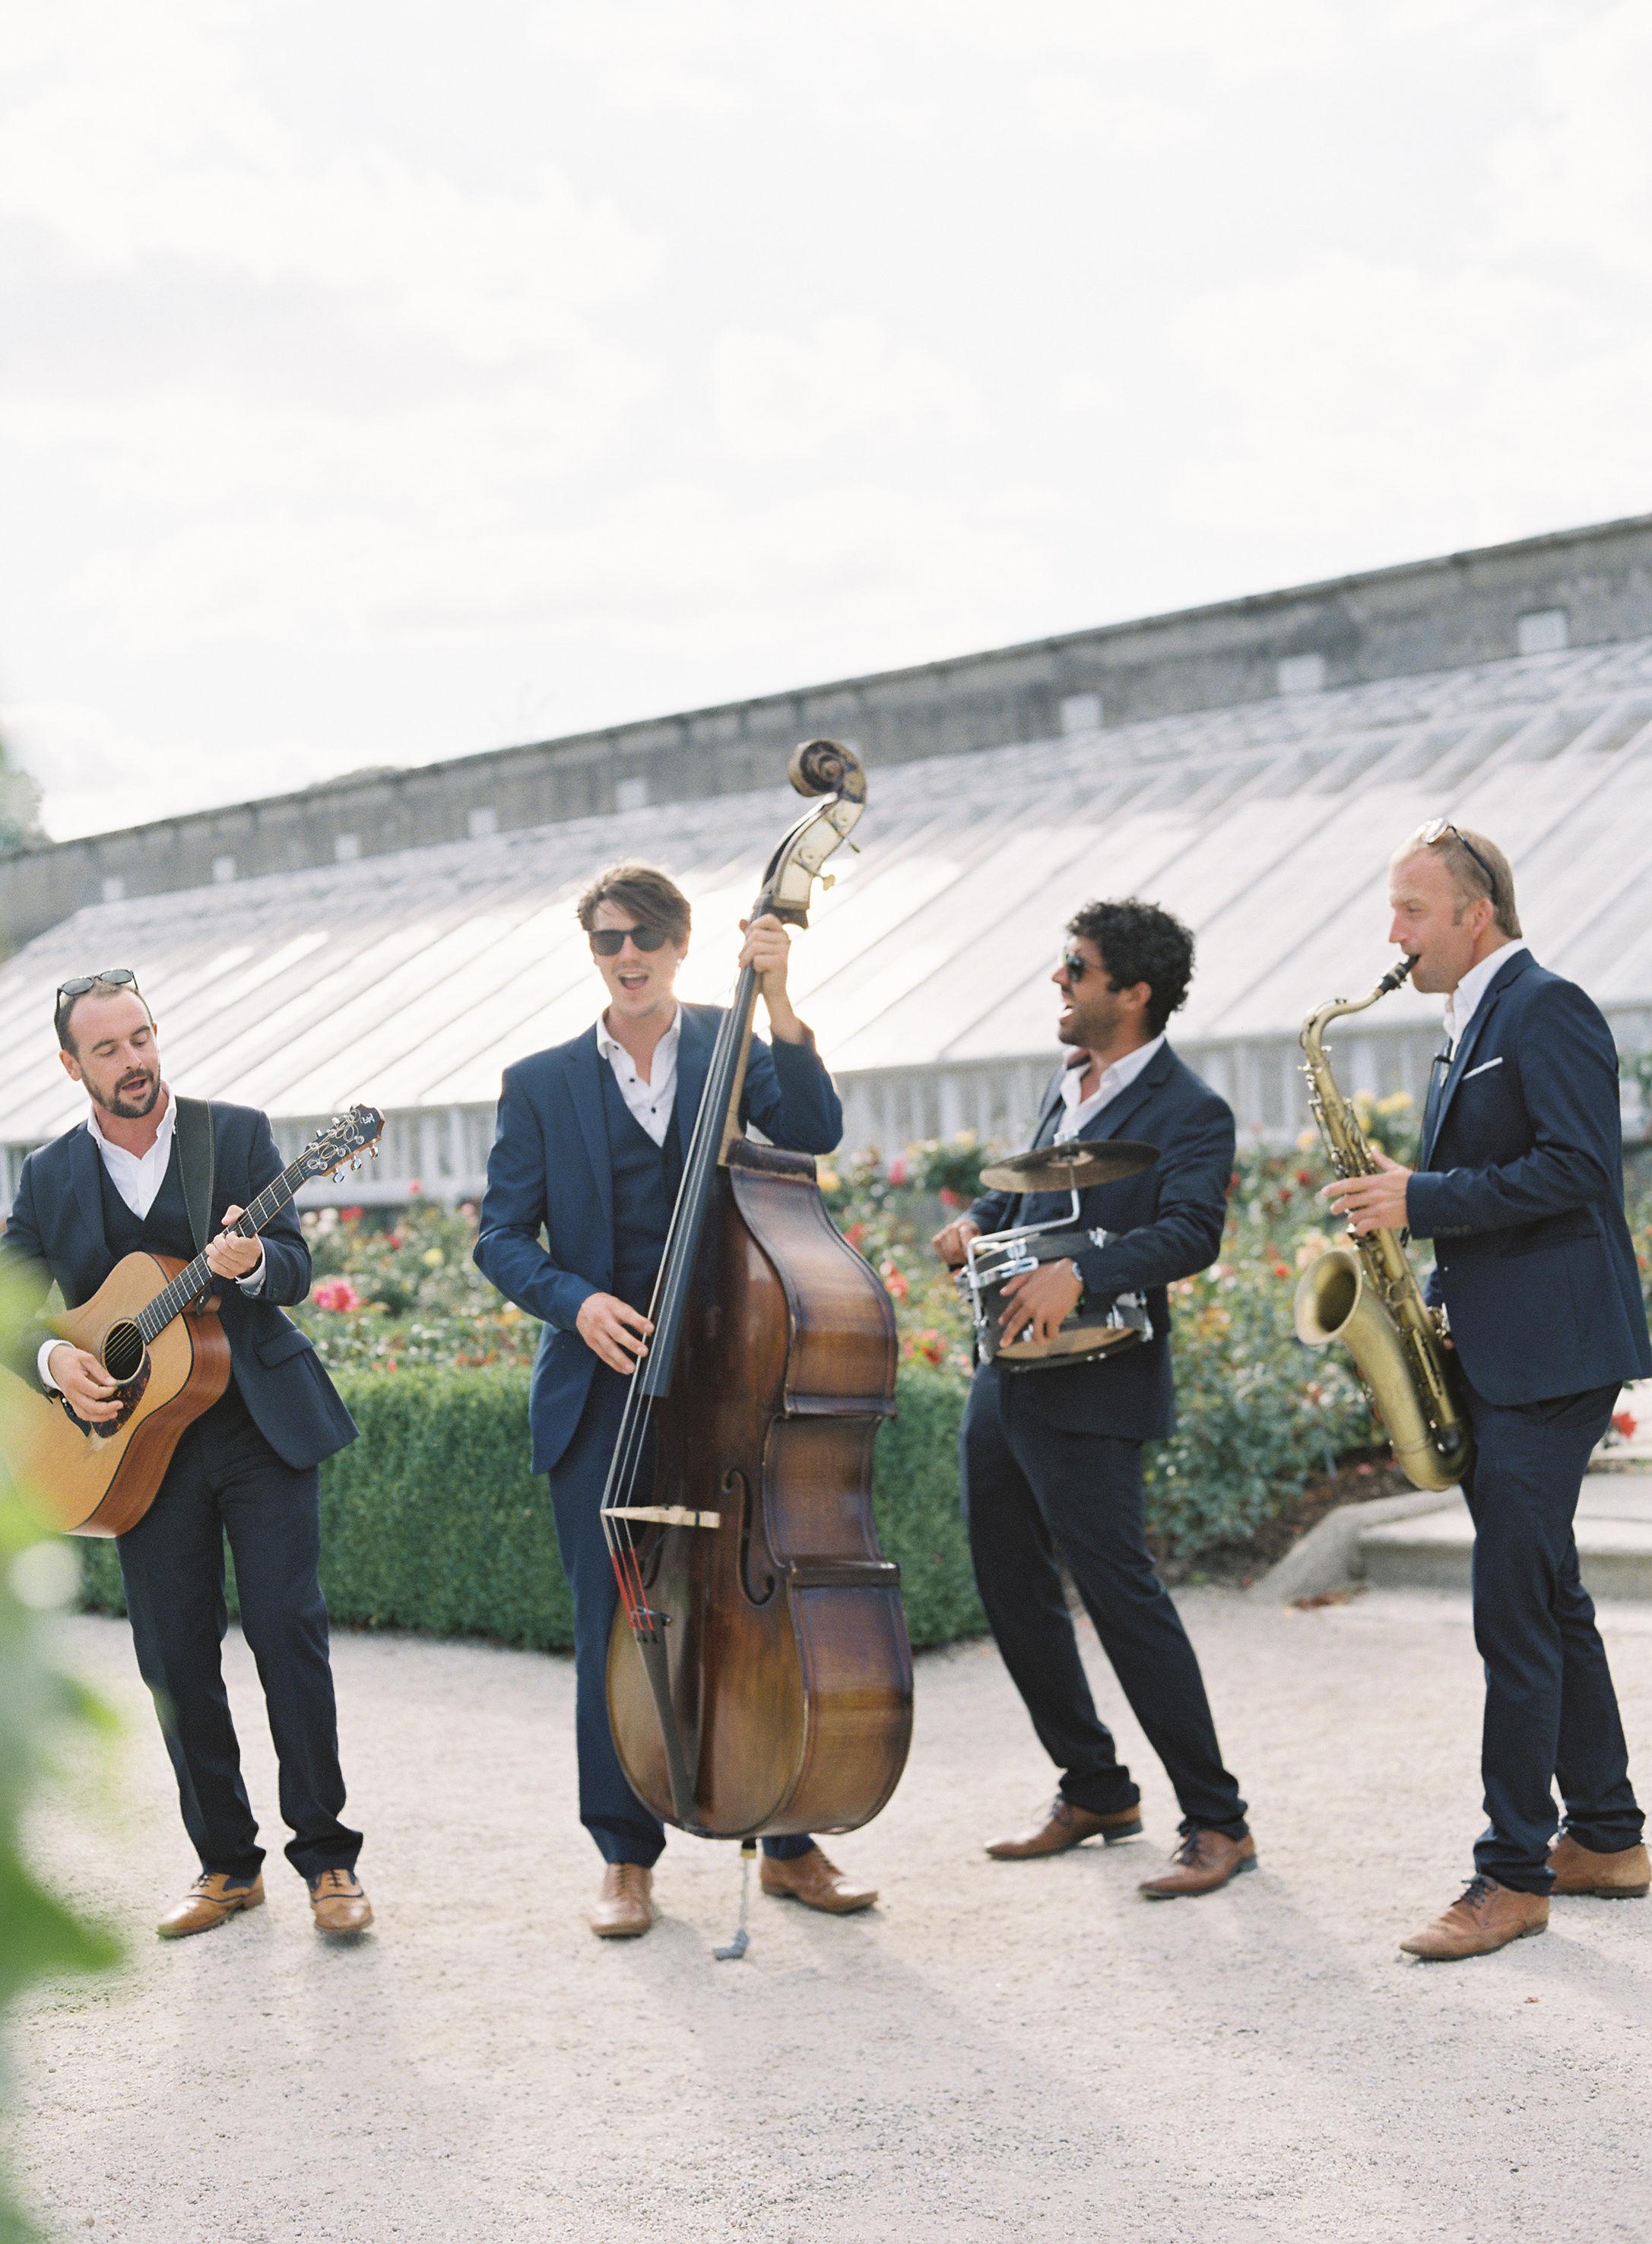 four person wedding band The Strikes